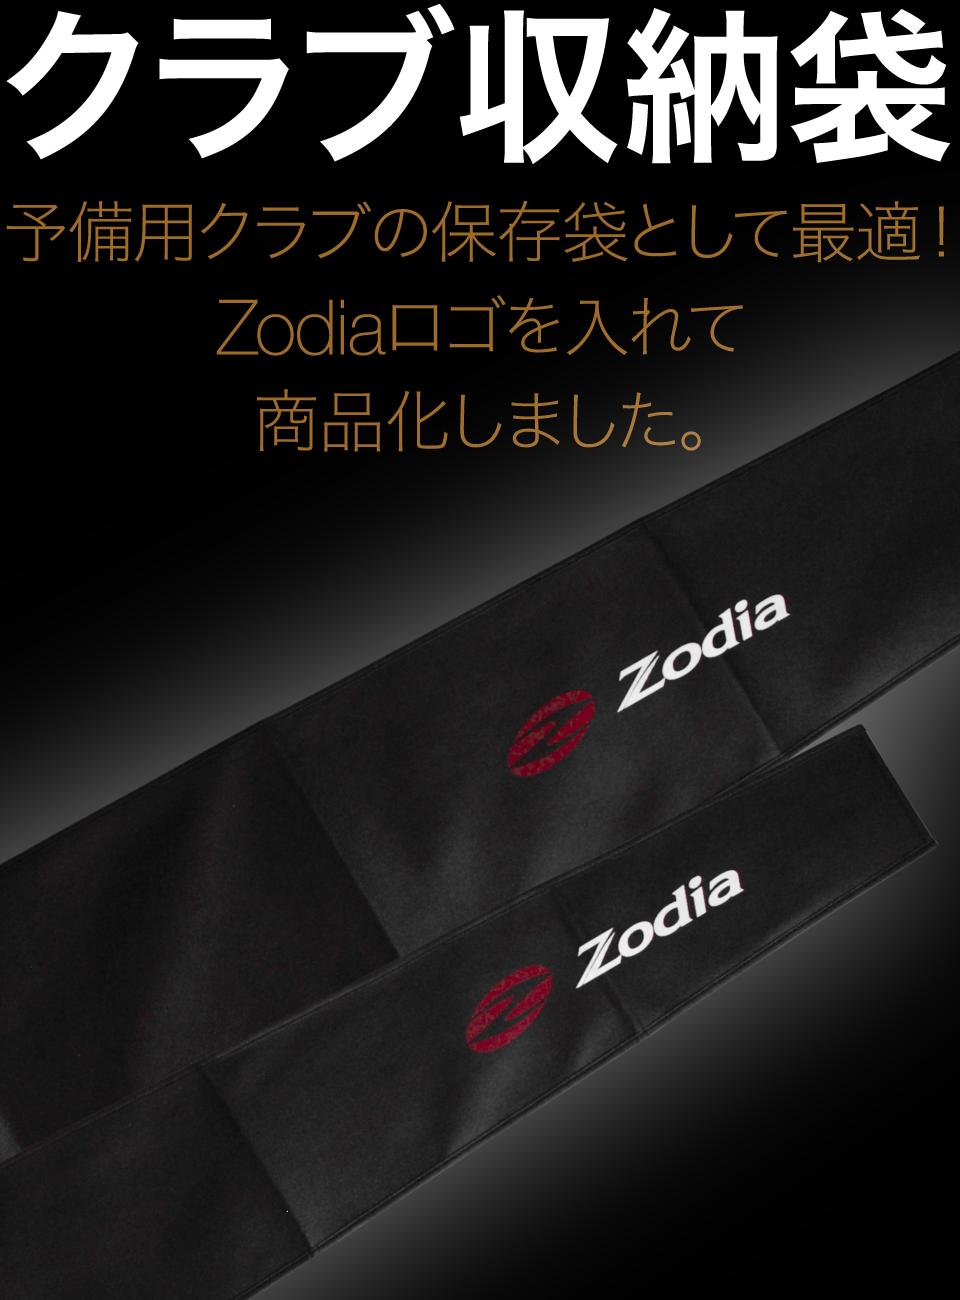 予備用クラブの保存袋として最適!Zodiaロゴを入れて商品化しました。